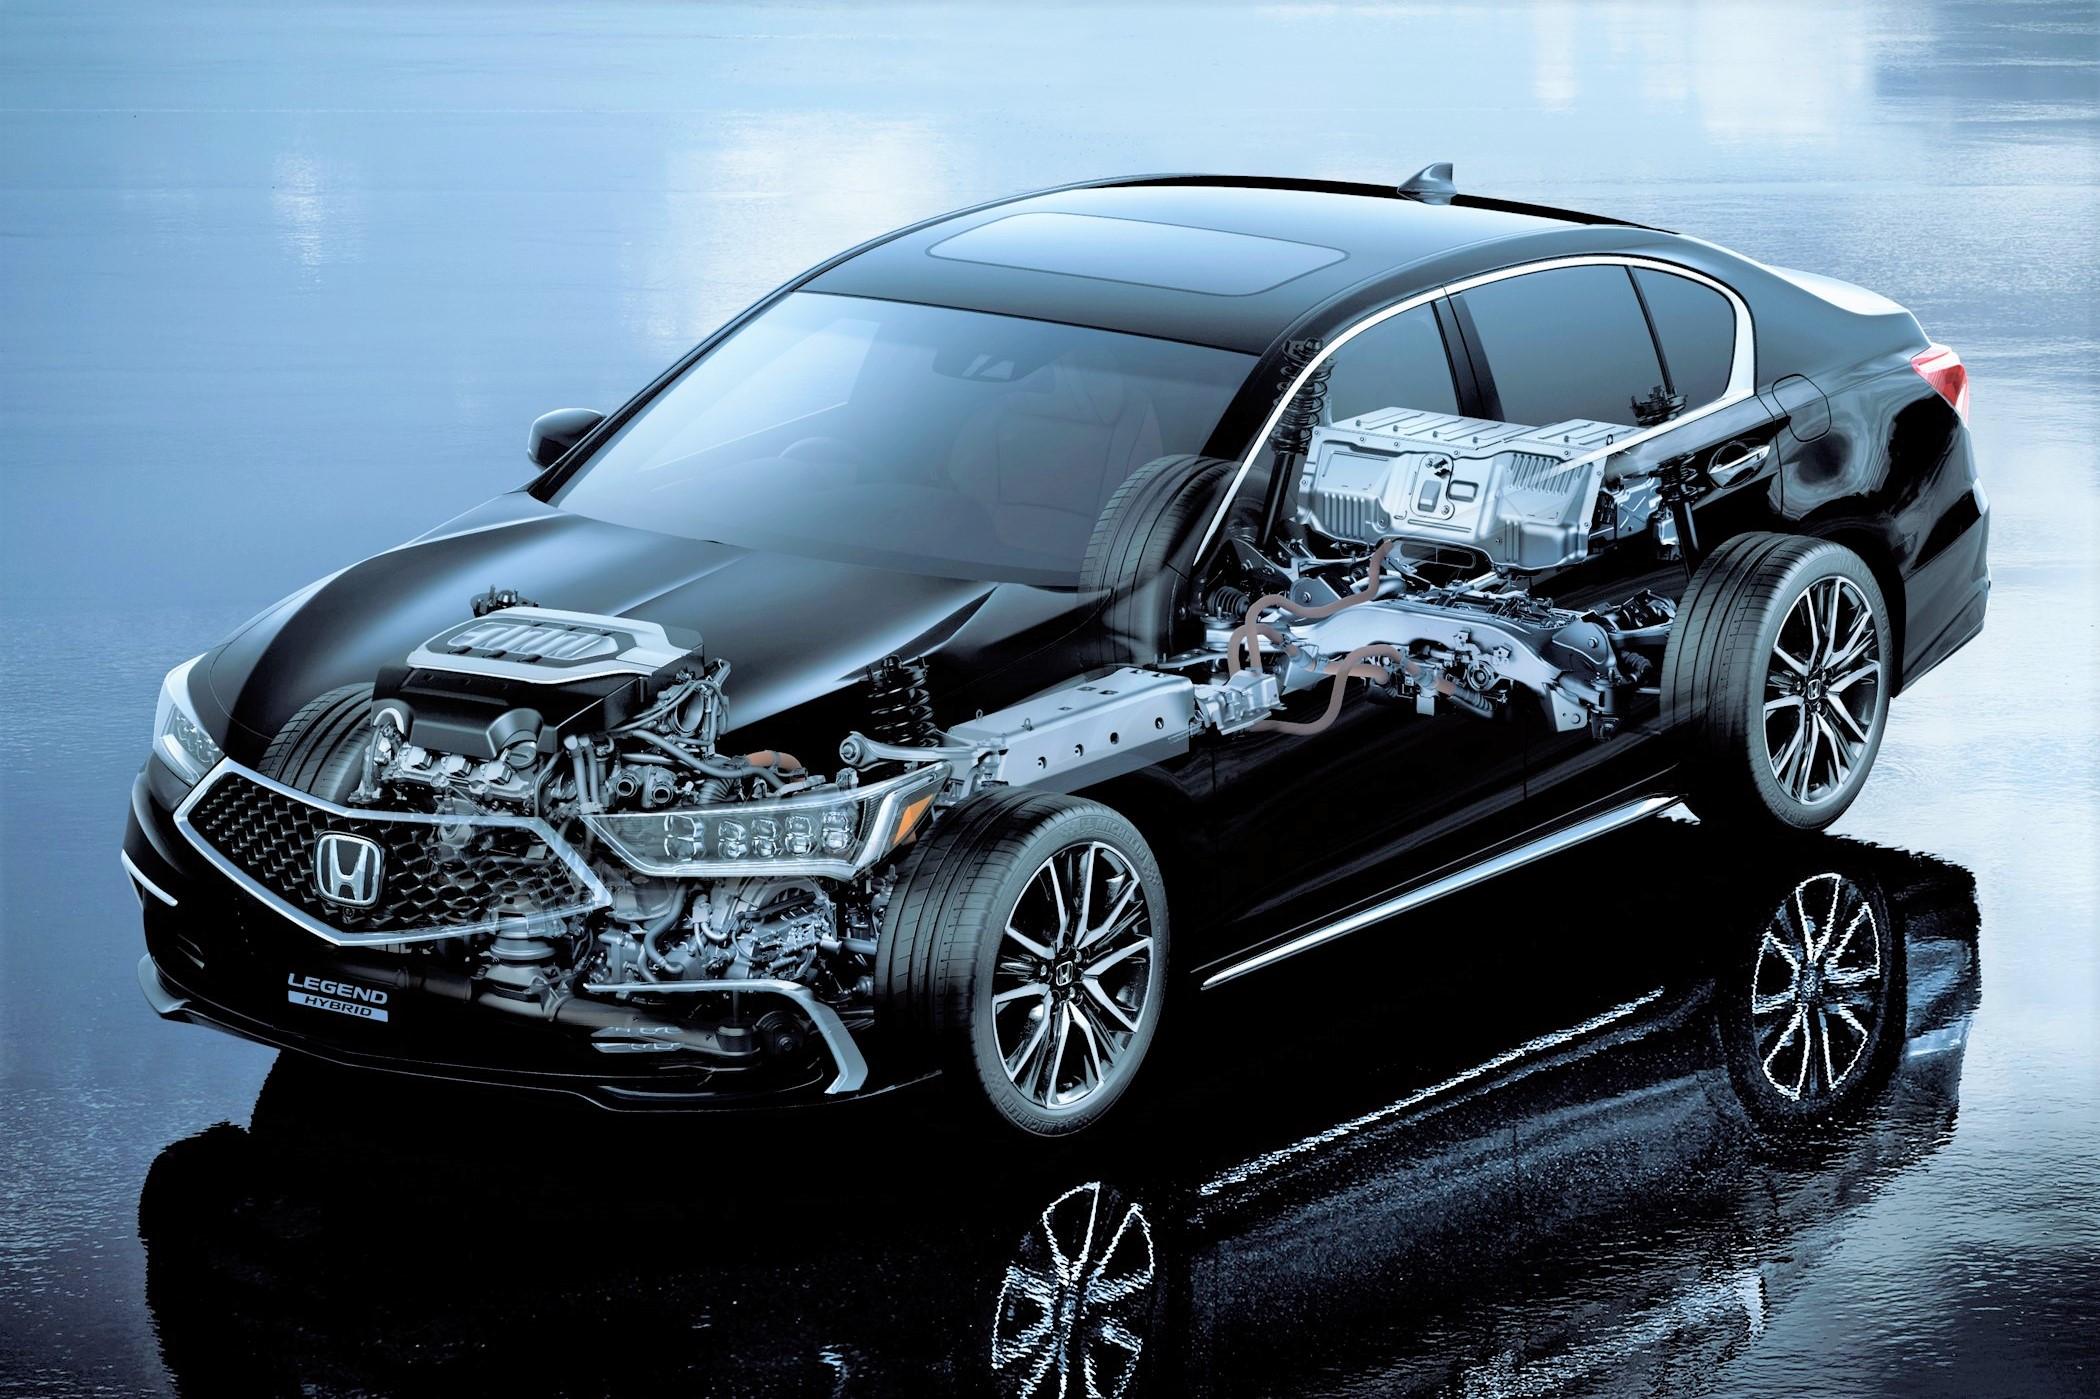 هوندا اولین خودروساز ژاپنی مجهز به فناوری خودران سطح 3